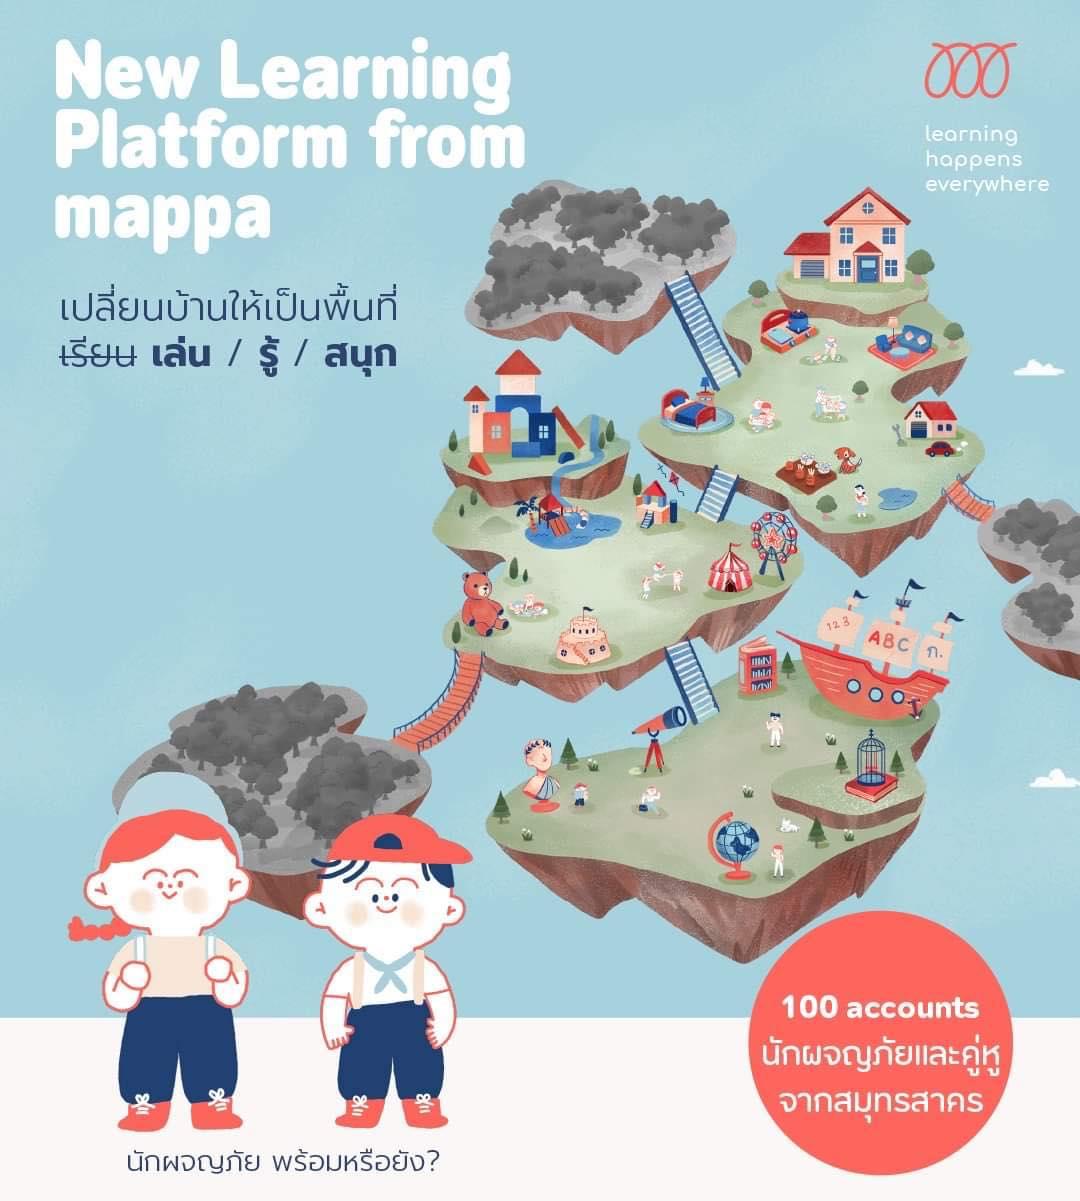 เปลี่ยนบ้านเป็นห้องเรียนออนไลน์ สู้โควิด-19 thaihealth